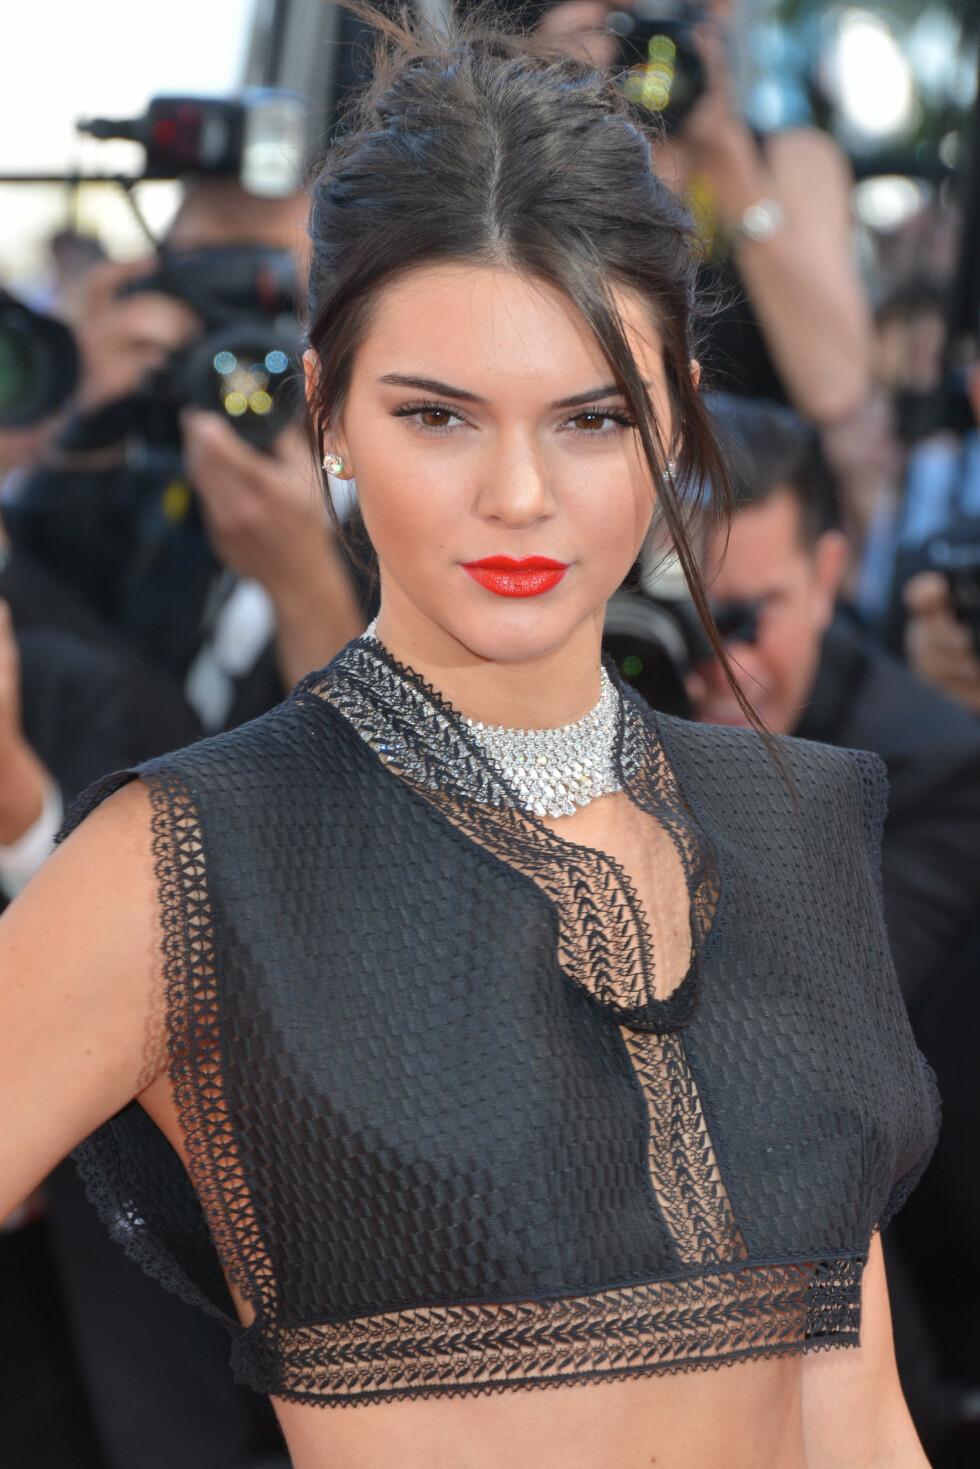 <strong>CANNES FILMFESTIVAL:</strong> Kendall Jenner (19) valgte et kjede som satt tett opp mot halsen.  Foto: CapitalPictures